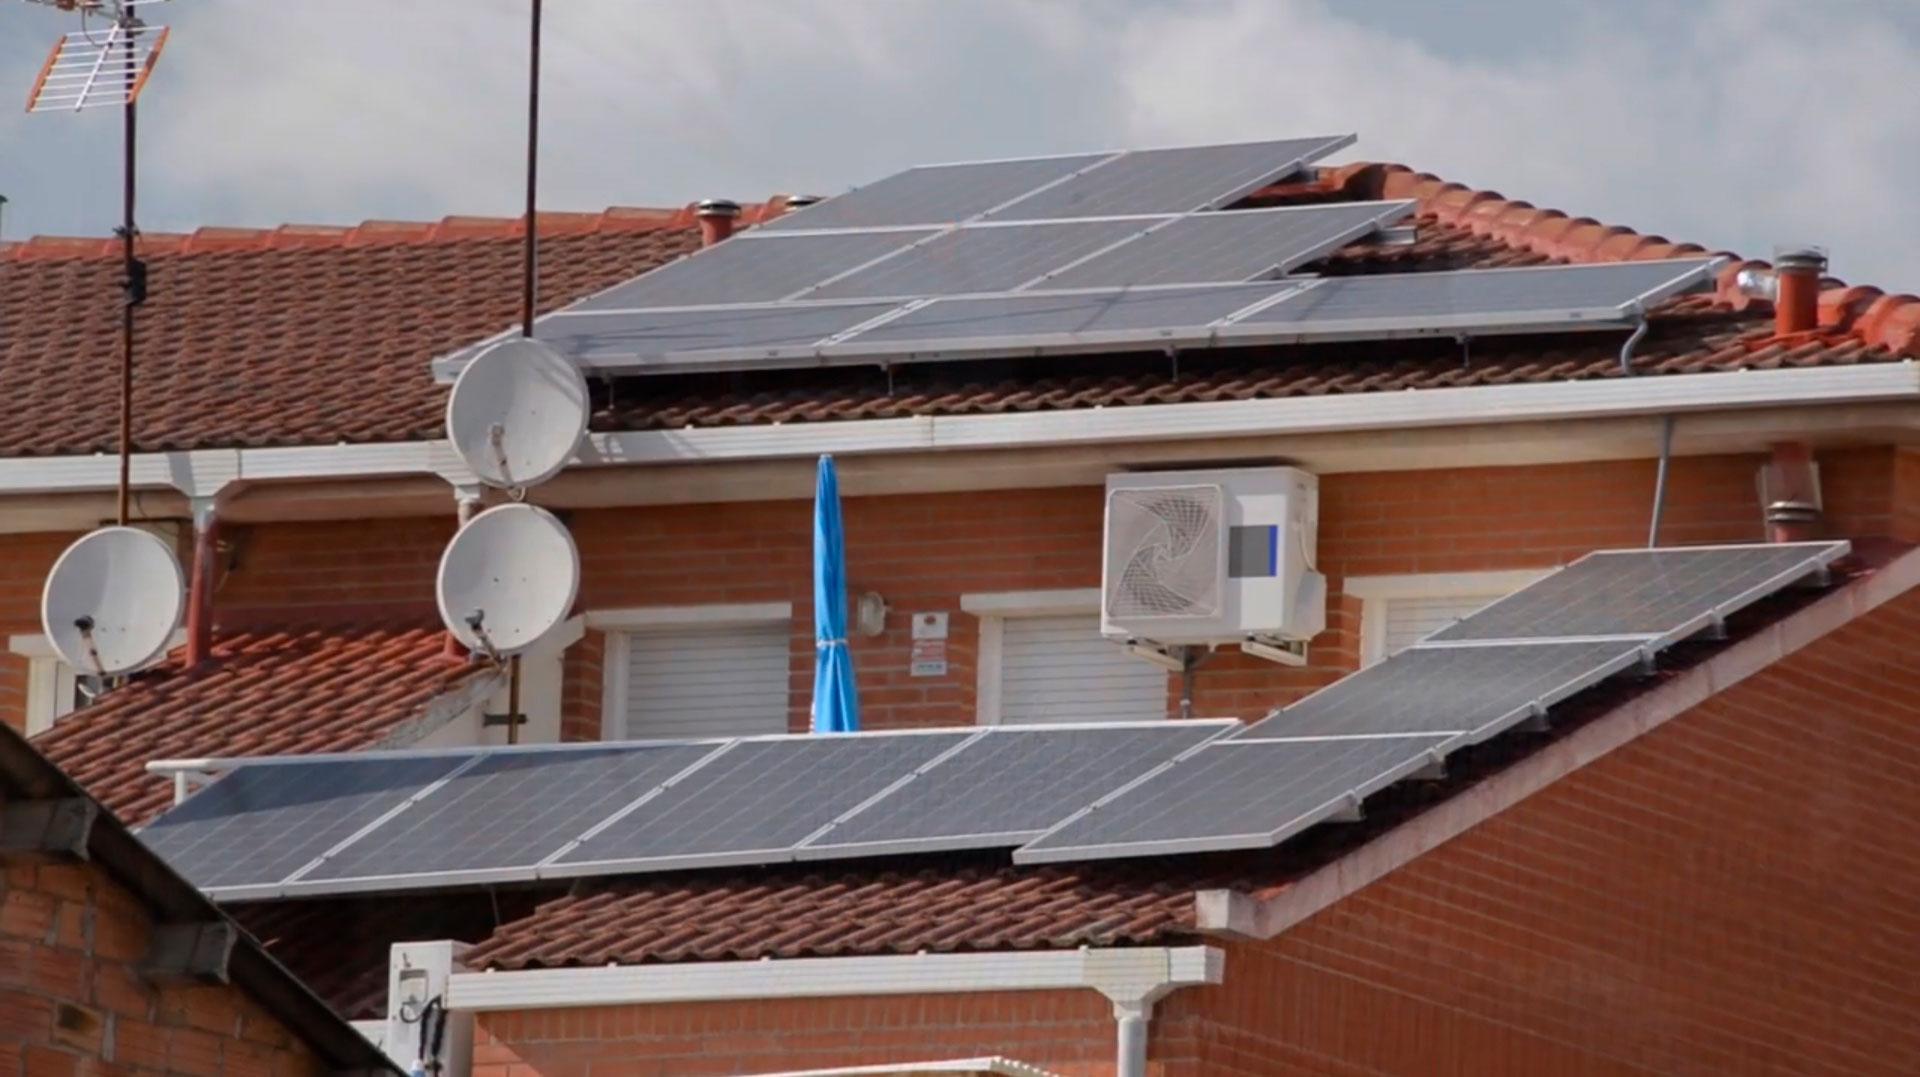 Instal·lació fotovoltaica domèstica